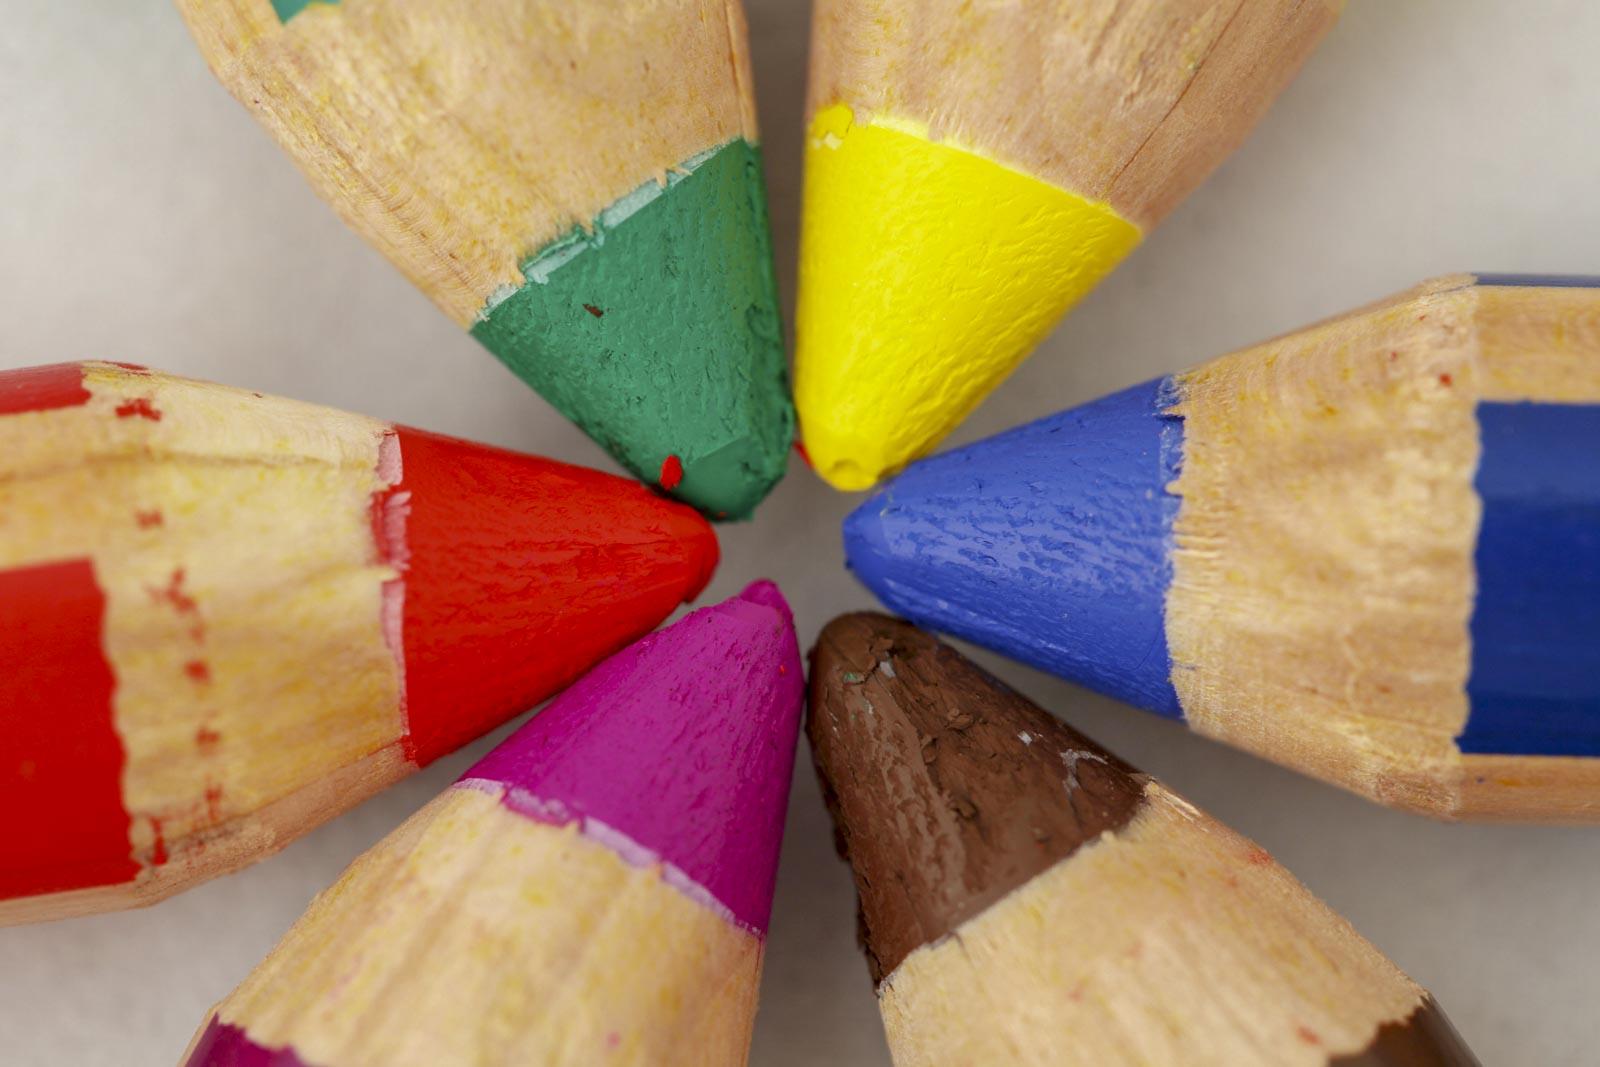 Punten van gekleurde potloden van bovenaf gefotografeerd met adobeRGB kleurruimte ingesloten